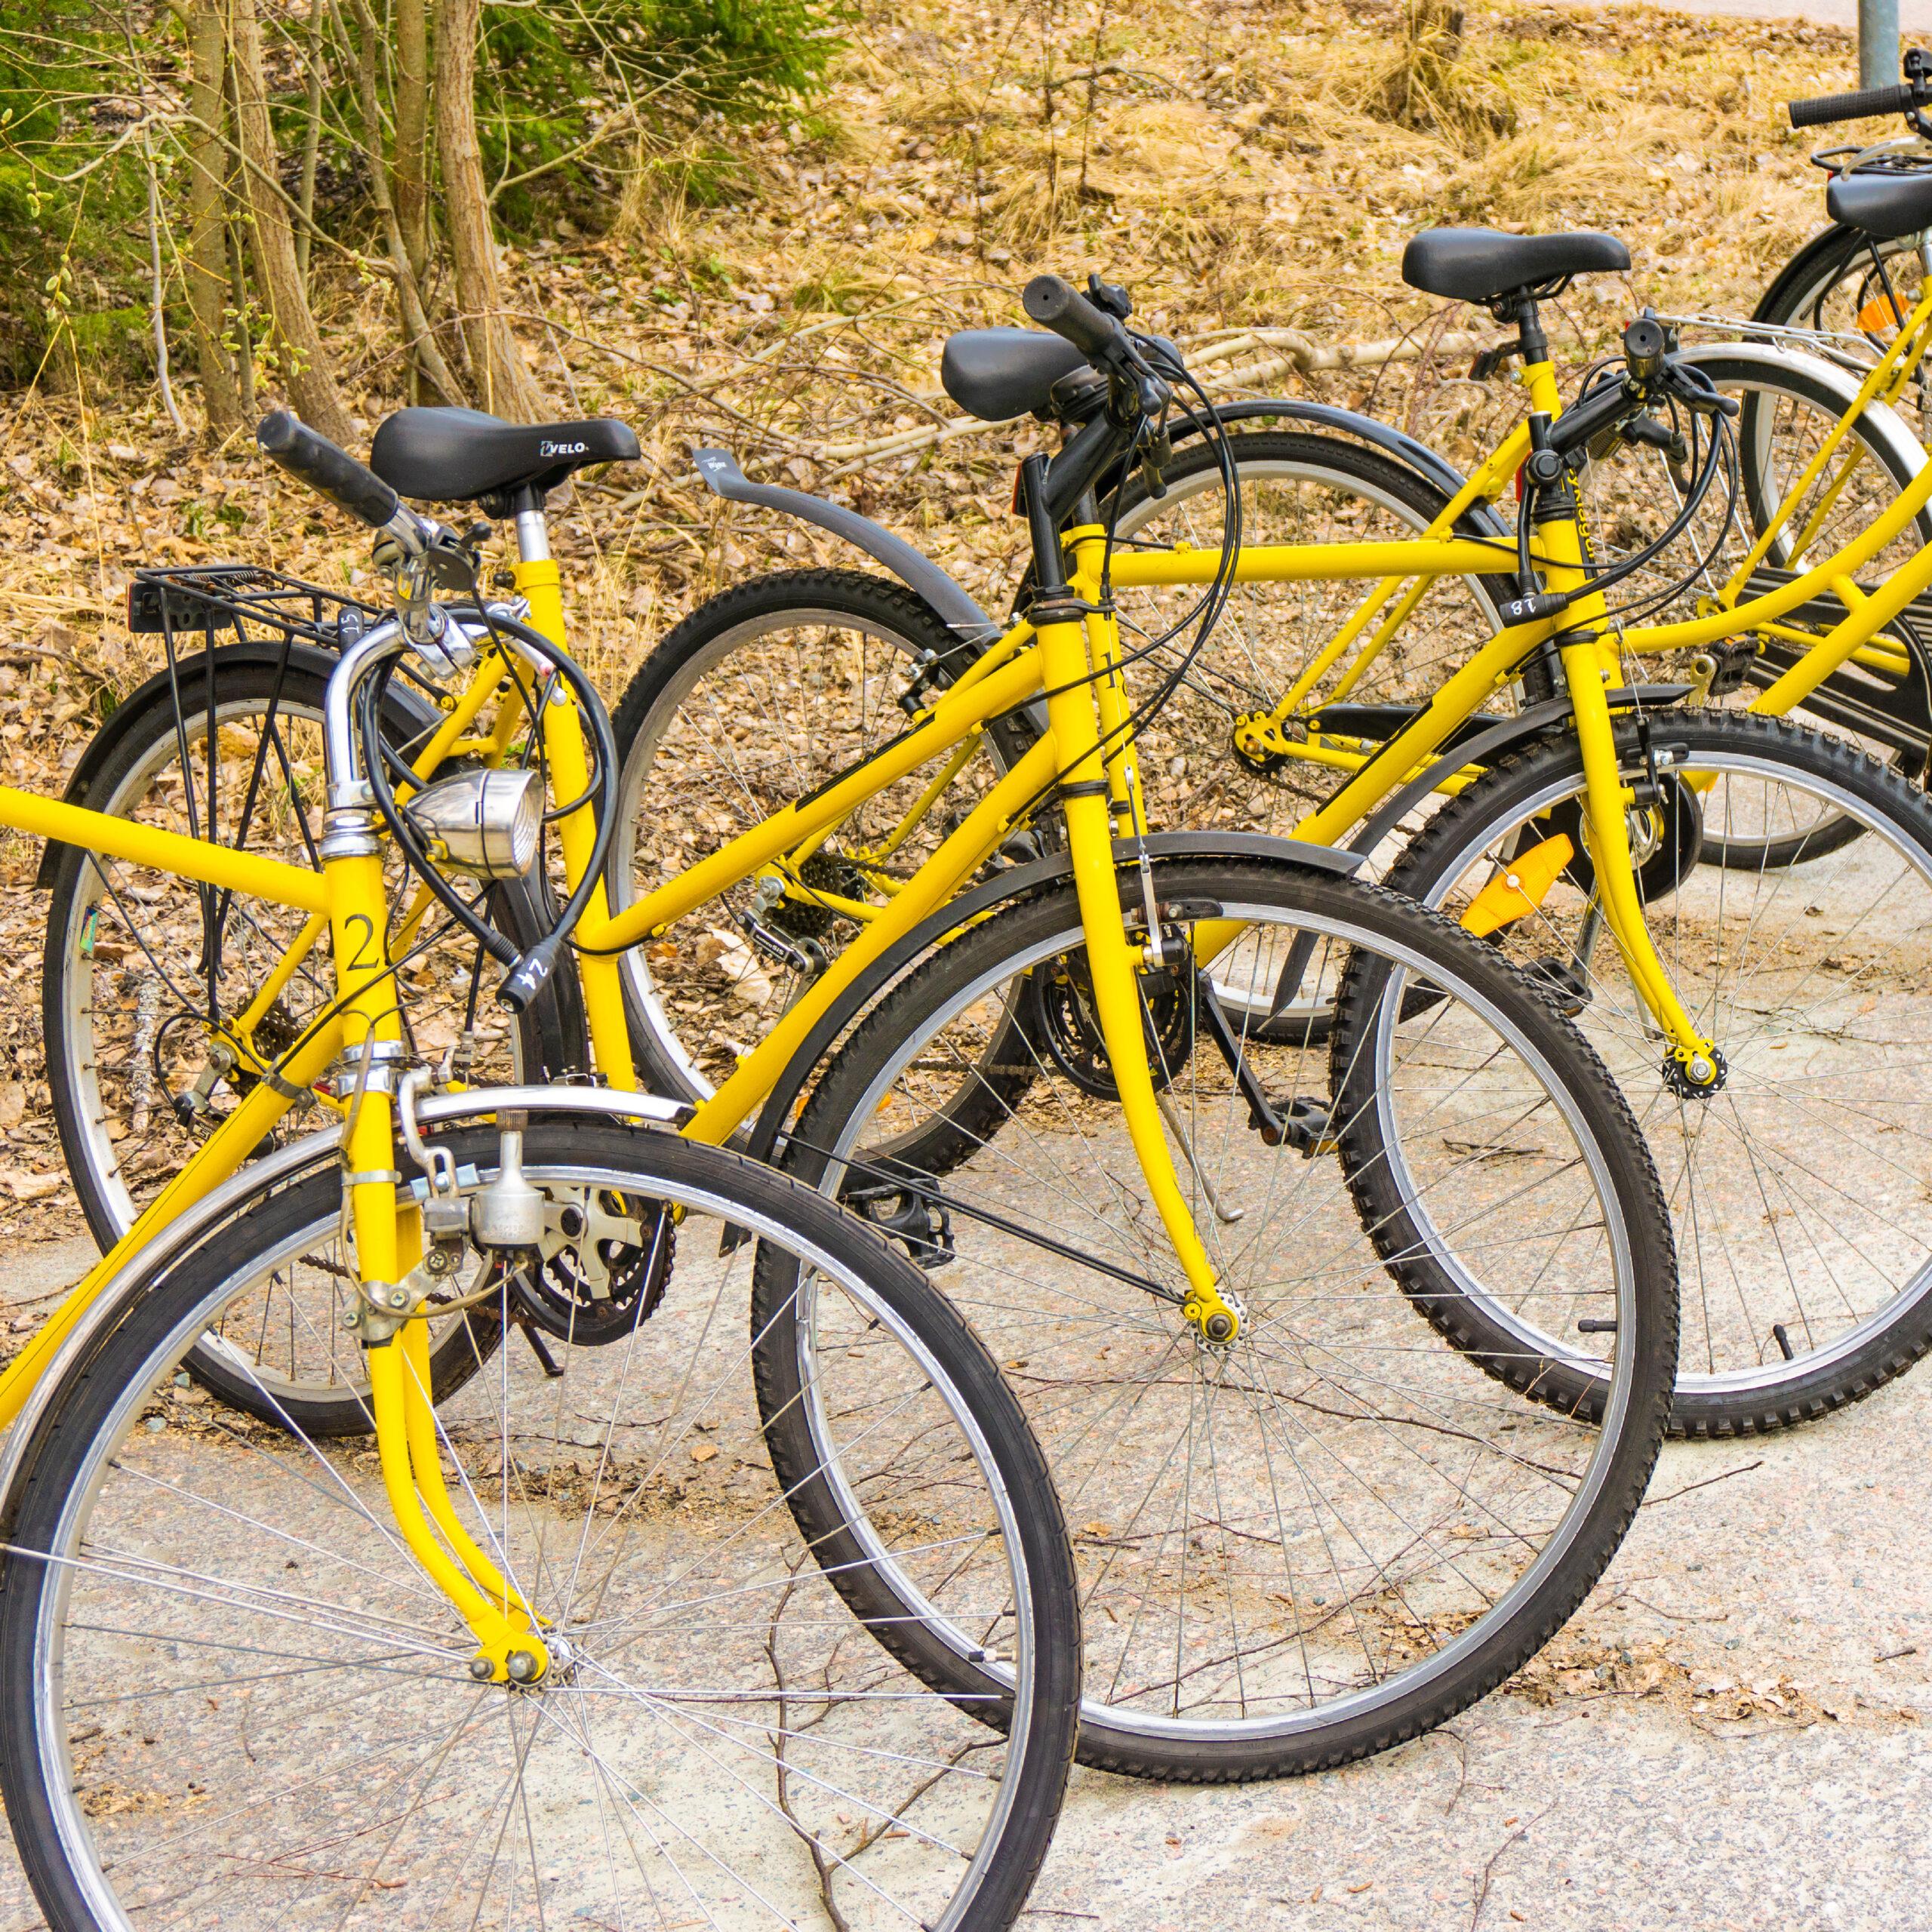 cykla_gul_2021